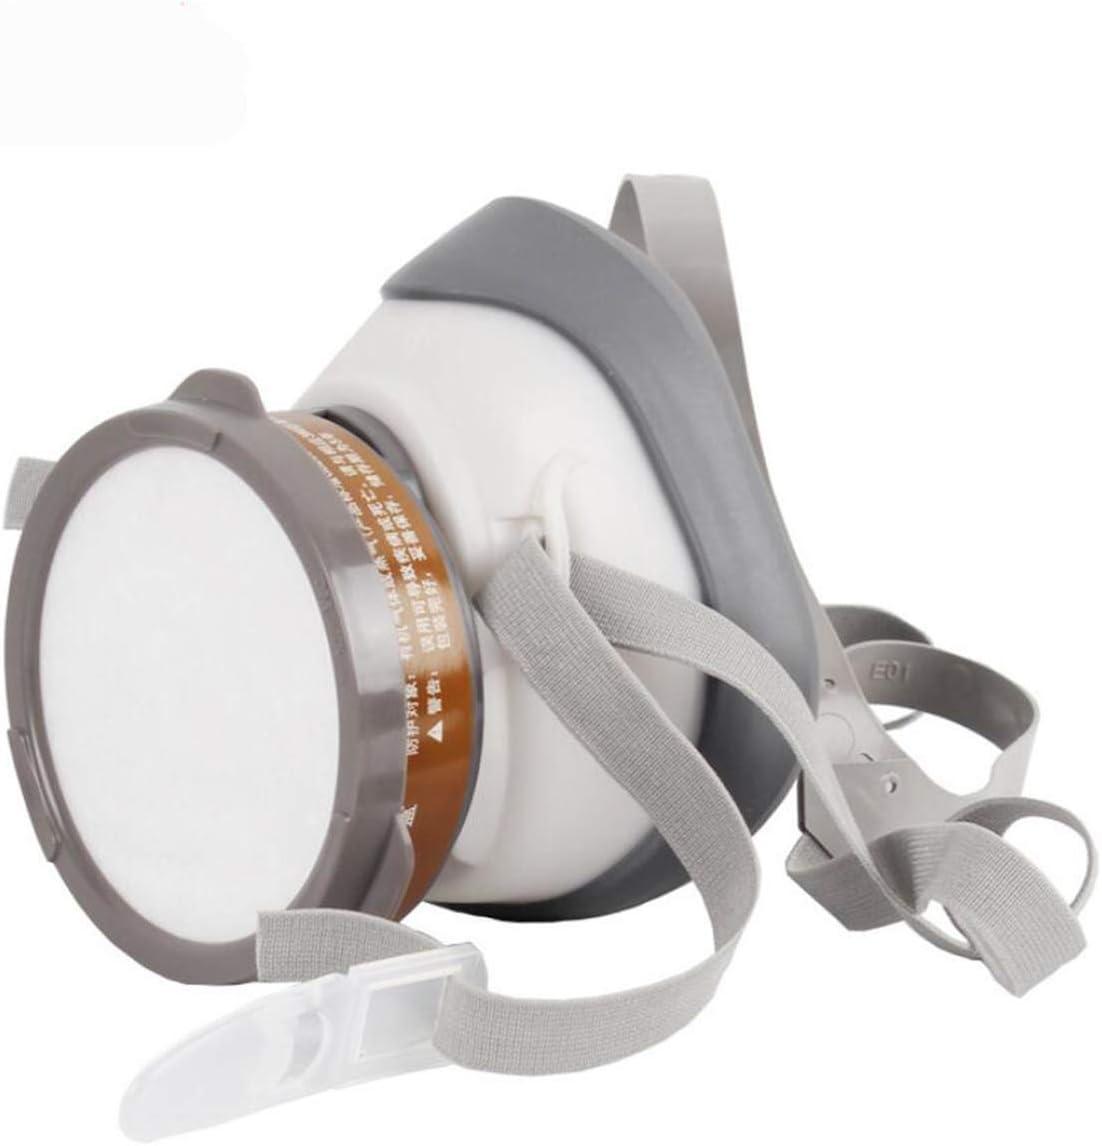 LHY SPORTS Máscara De Gas, Máscara De Polvo De Respirador Máscara De Pintura Media Máscara para Pulido A Máquina Soldadura De Polvo Y Otra Protección Laboral